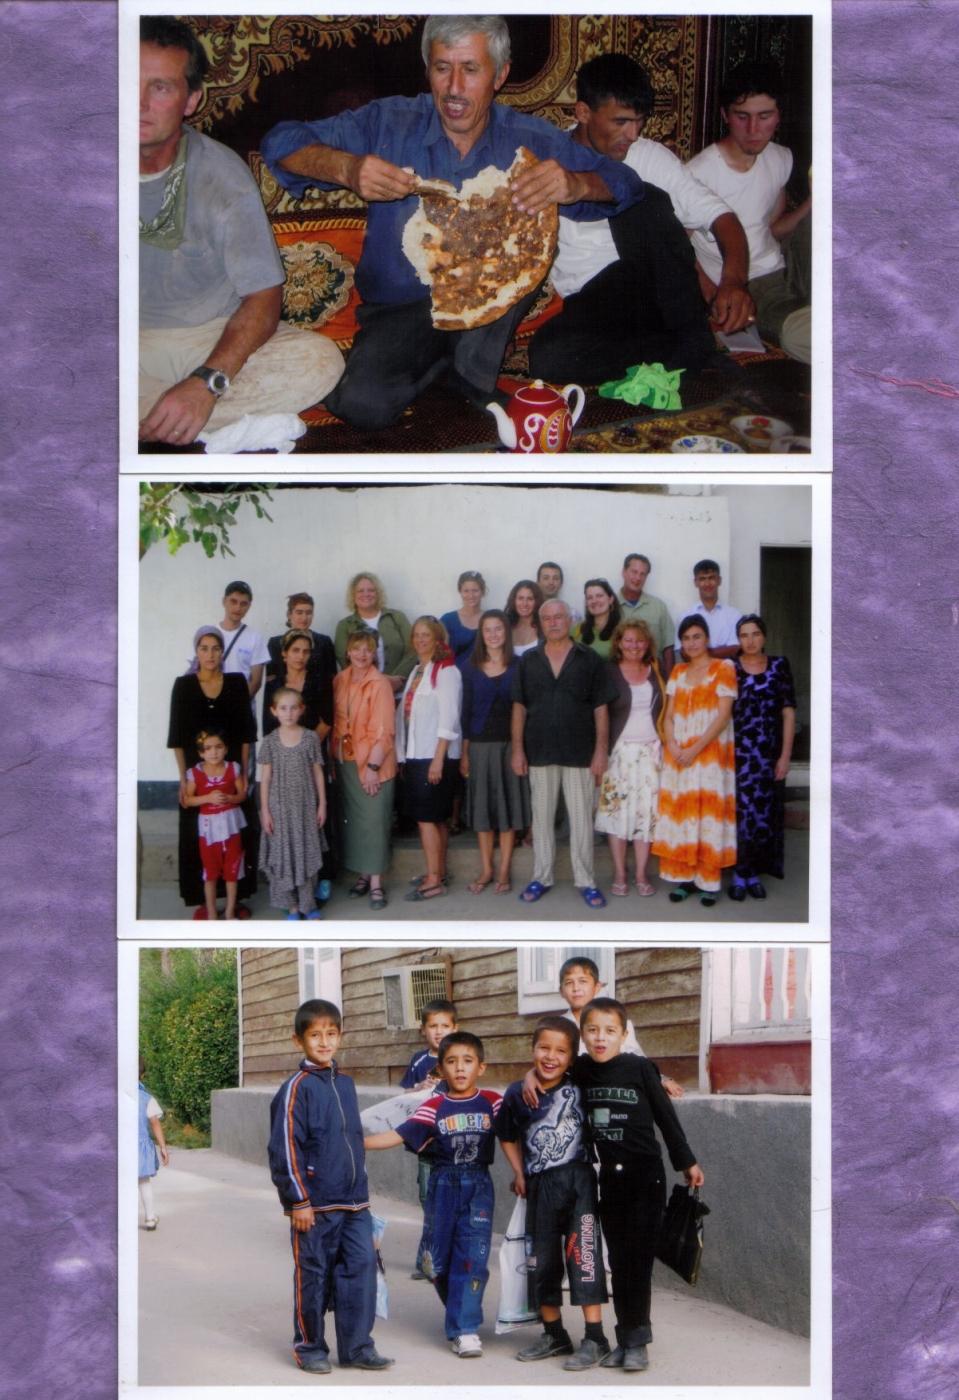 bread eid group kids photos TJ people